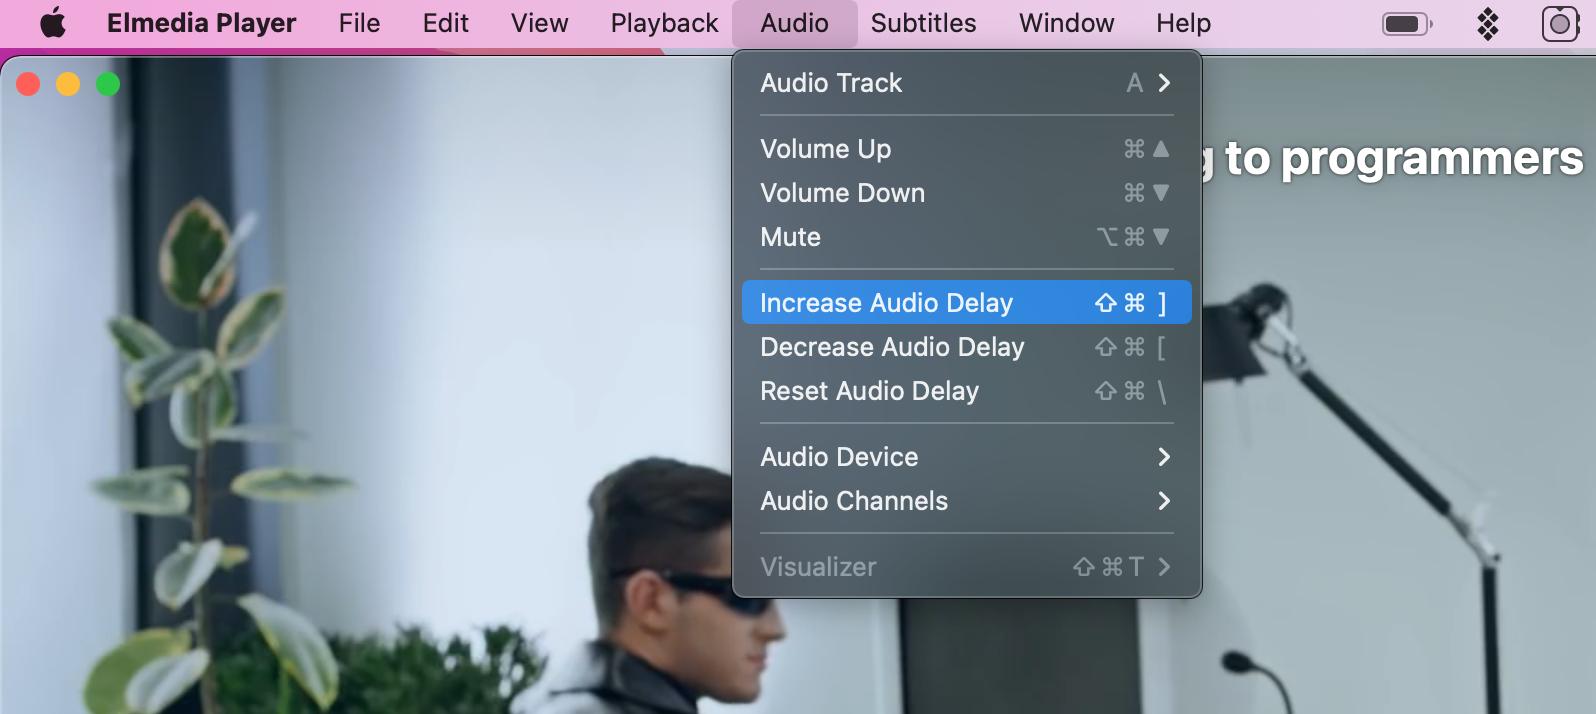 increase audio delay